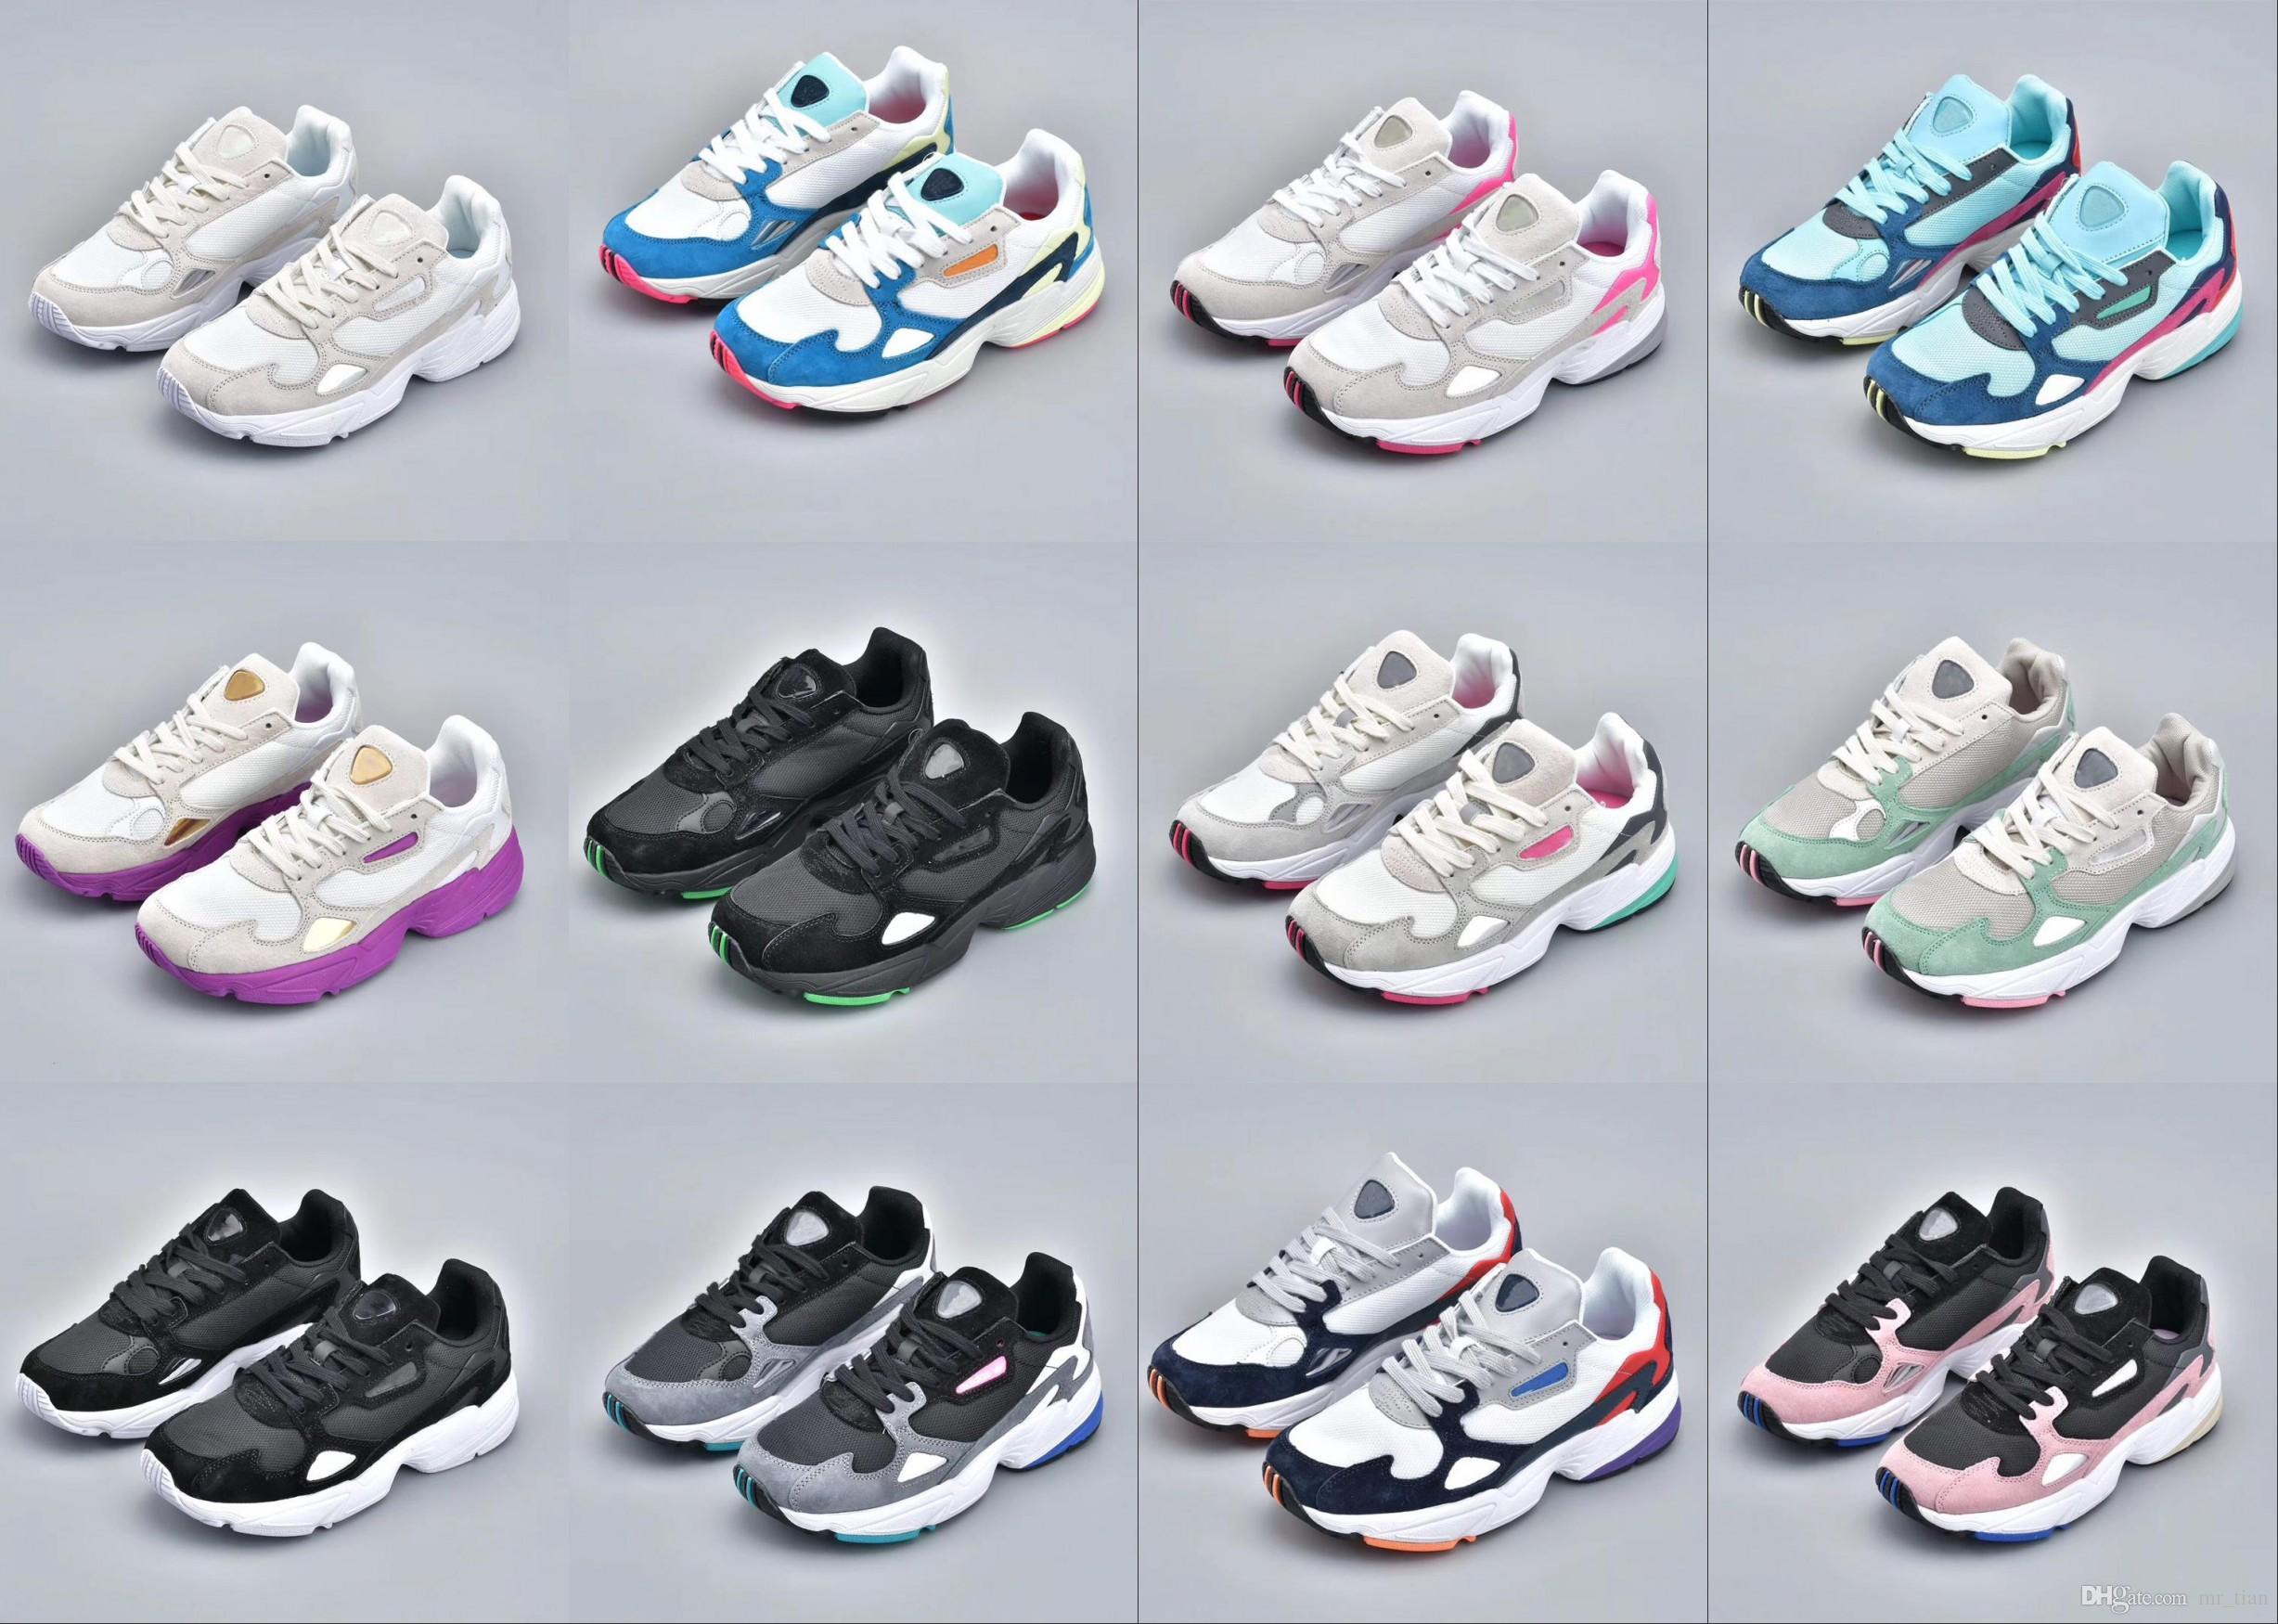 79a29f1e0b Compre Adidas Falcon W Running Shoes 2019 NOVO Alta Qualidade Baixo Preço  FALCON W Homens E Mulheres Tênis, Moda Esportiva Casual Sapatos EUA 5 11 De  ...